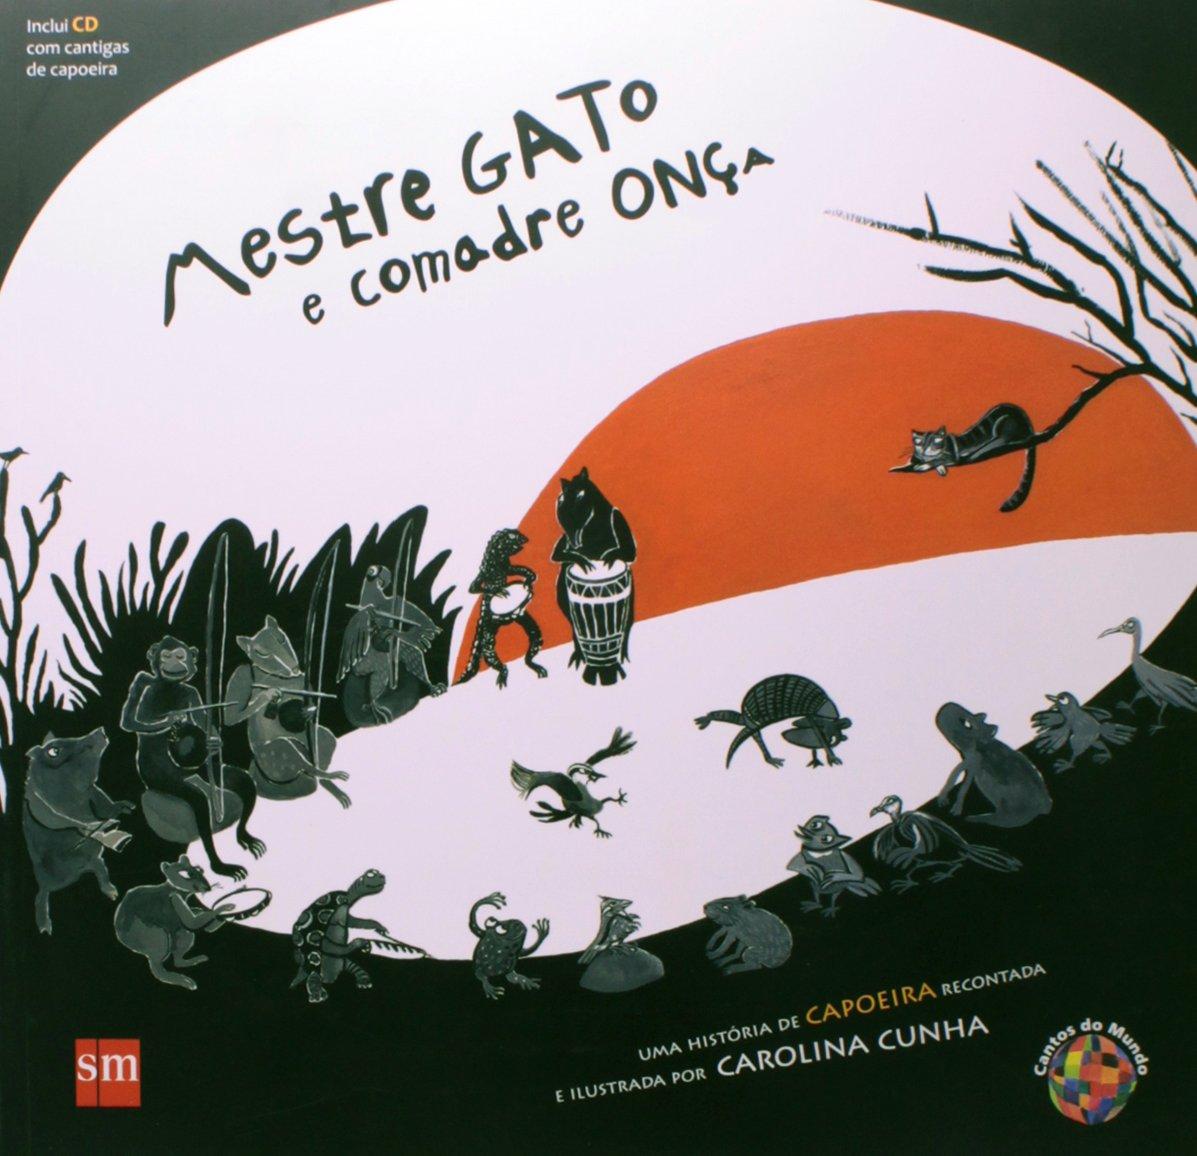 Mestre Gato e Comadre Ona - Acompanha Cd Com Cantigas de Capoeira: Carolina Cunha: 9788576757443: Amazon.com: Books